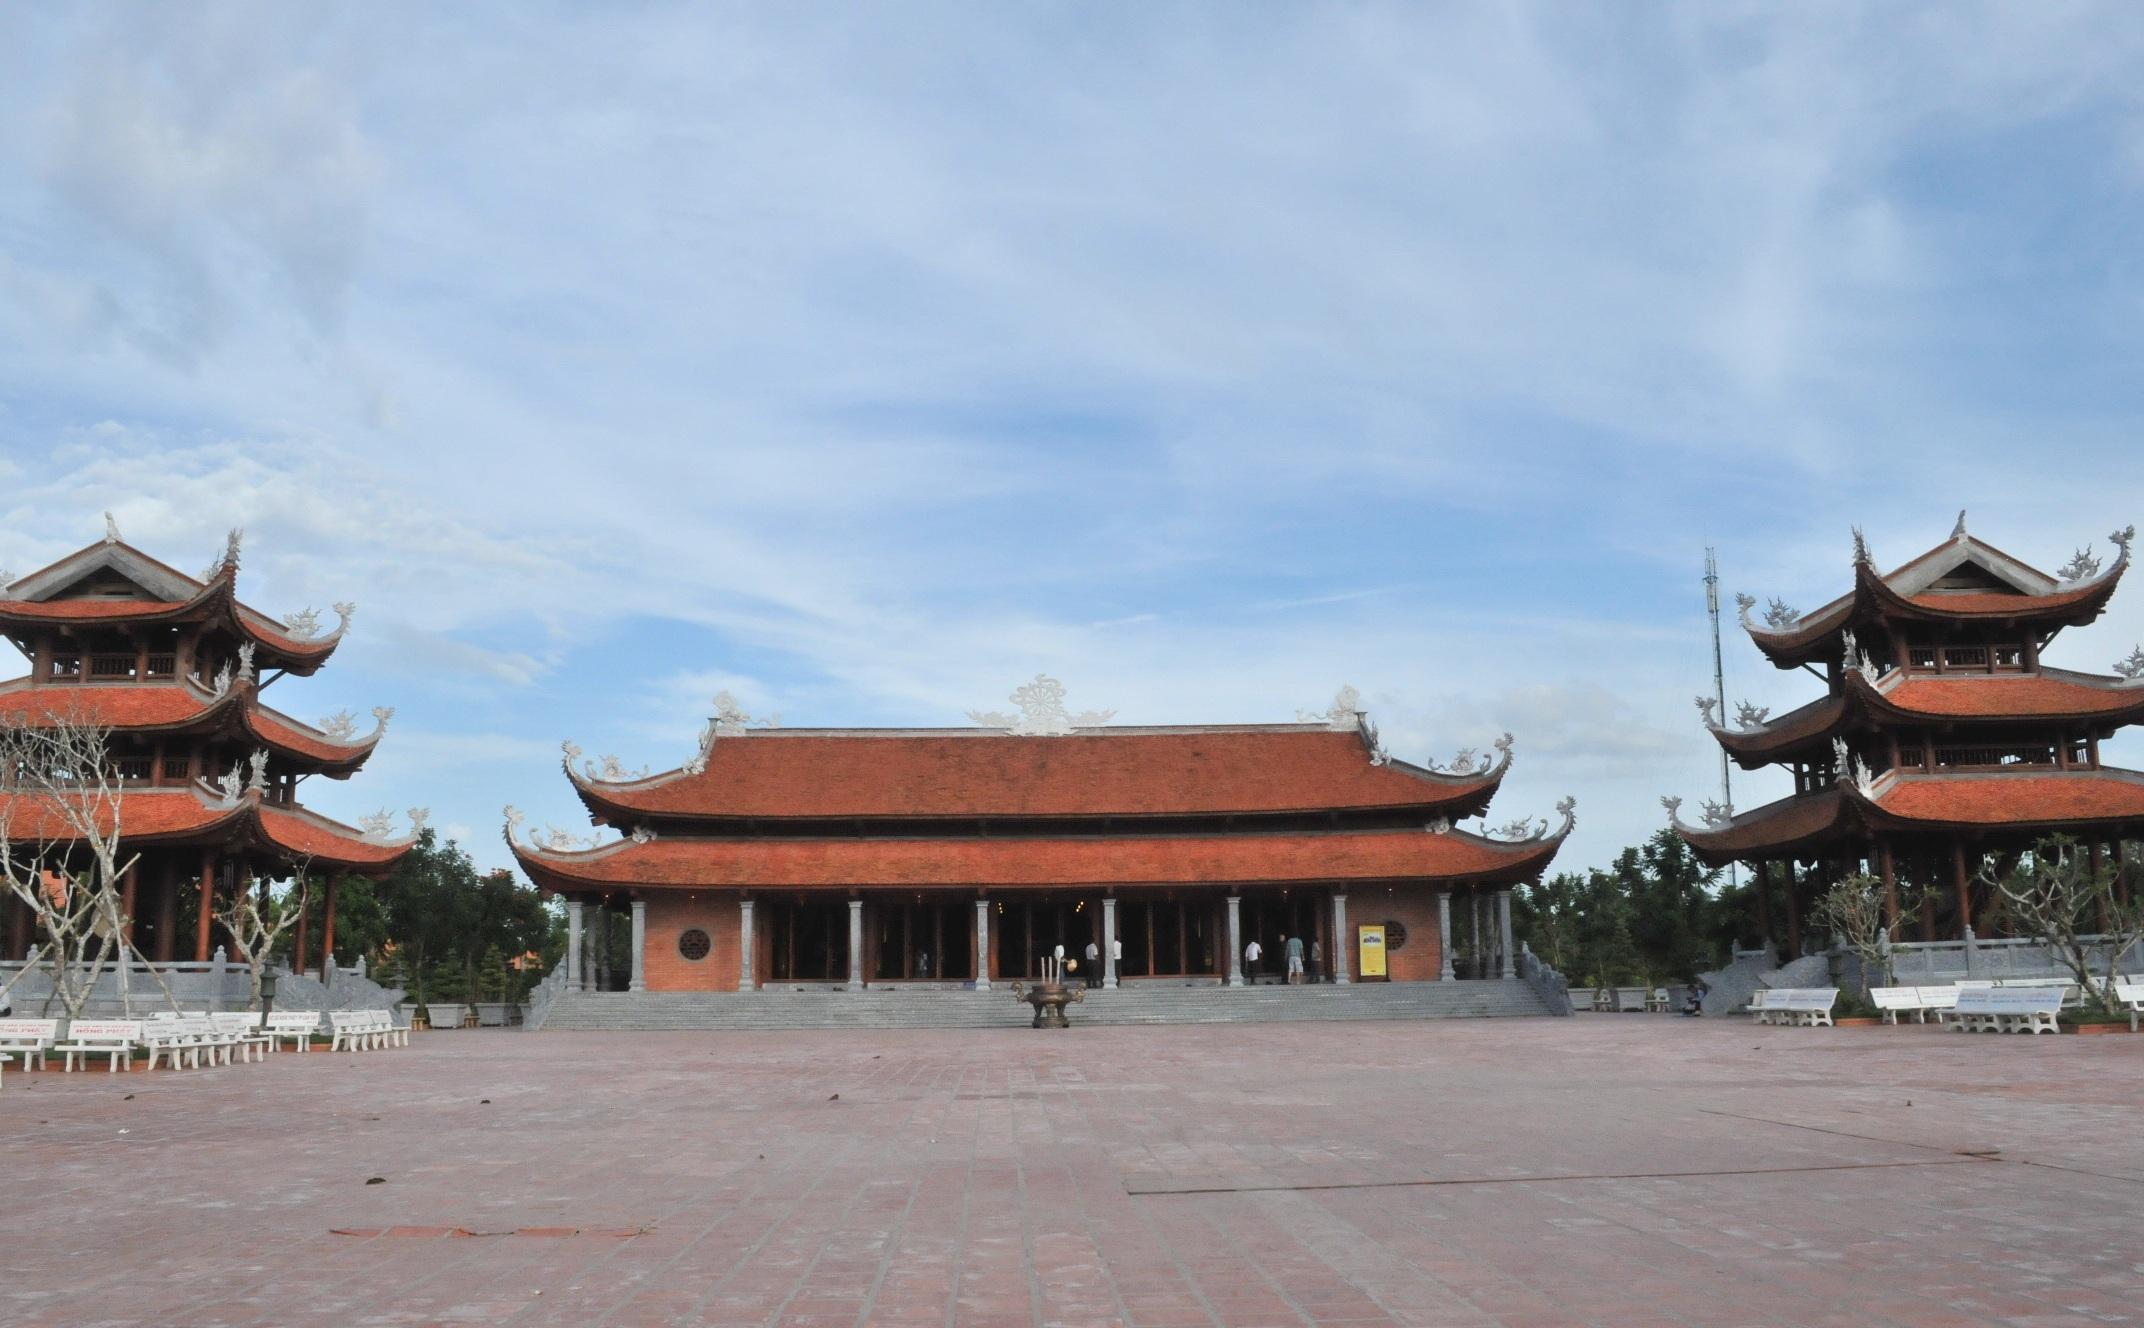 Còn đây là Thiền viện Trúc Lâm Phương Nam uy nghi mọclên giữa trời tây